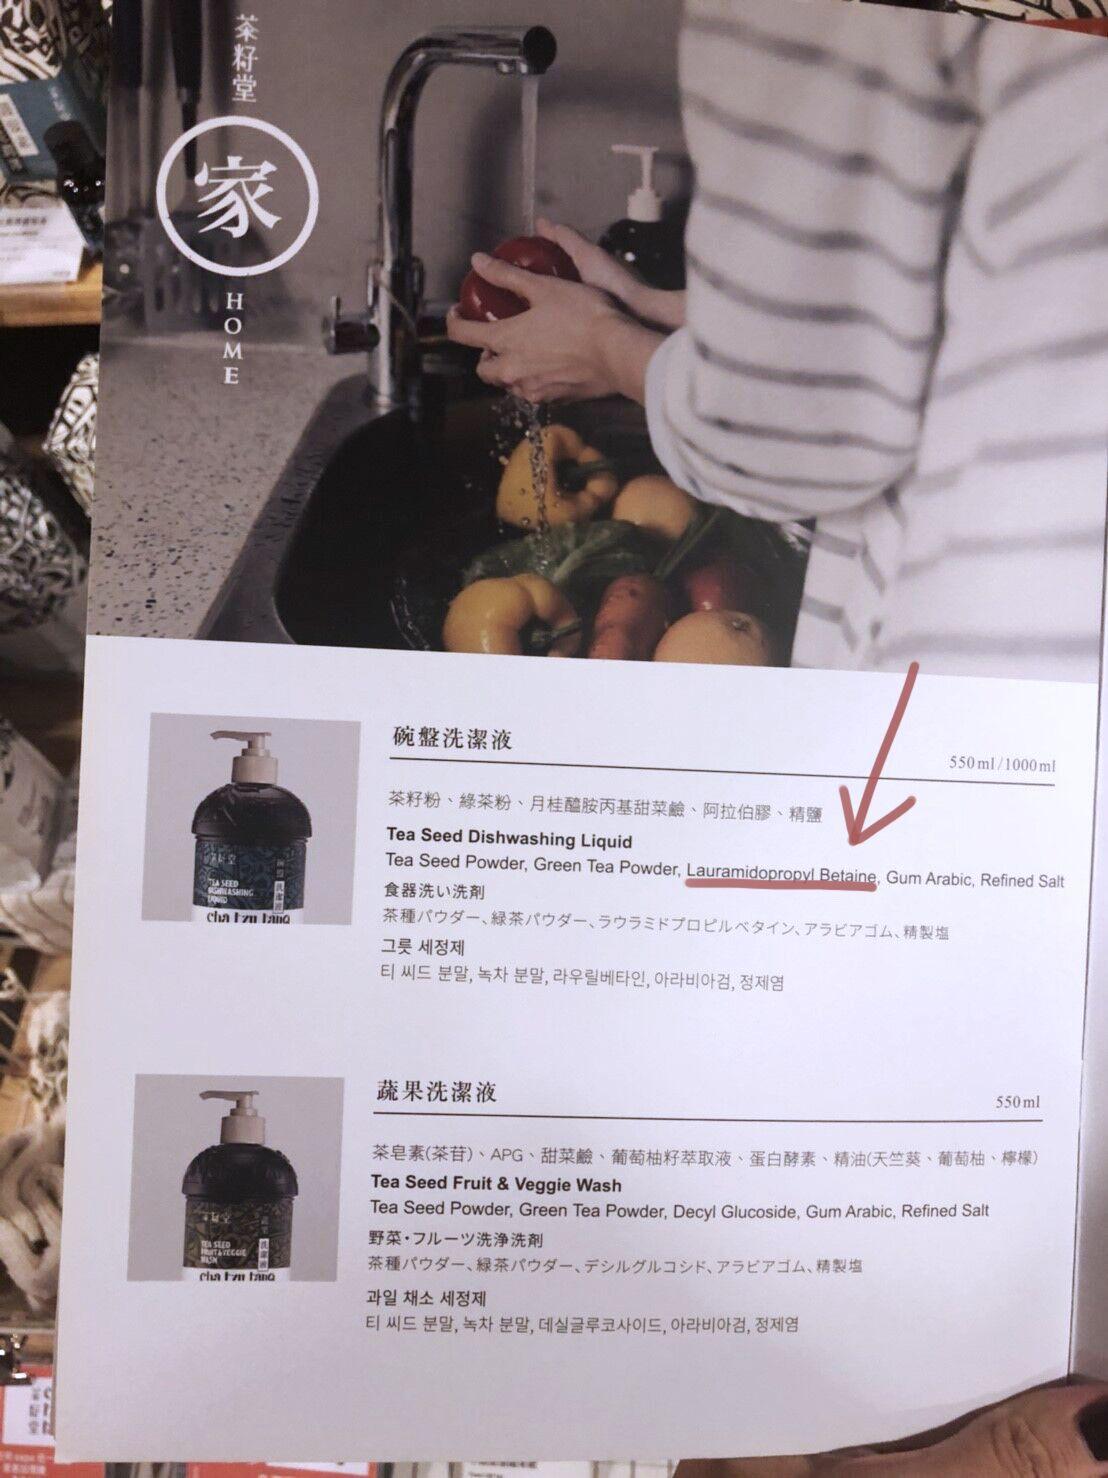 茶籽堂碗盤洗潔液DM標示的成分